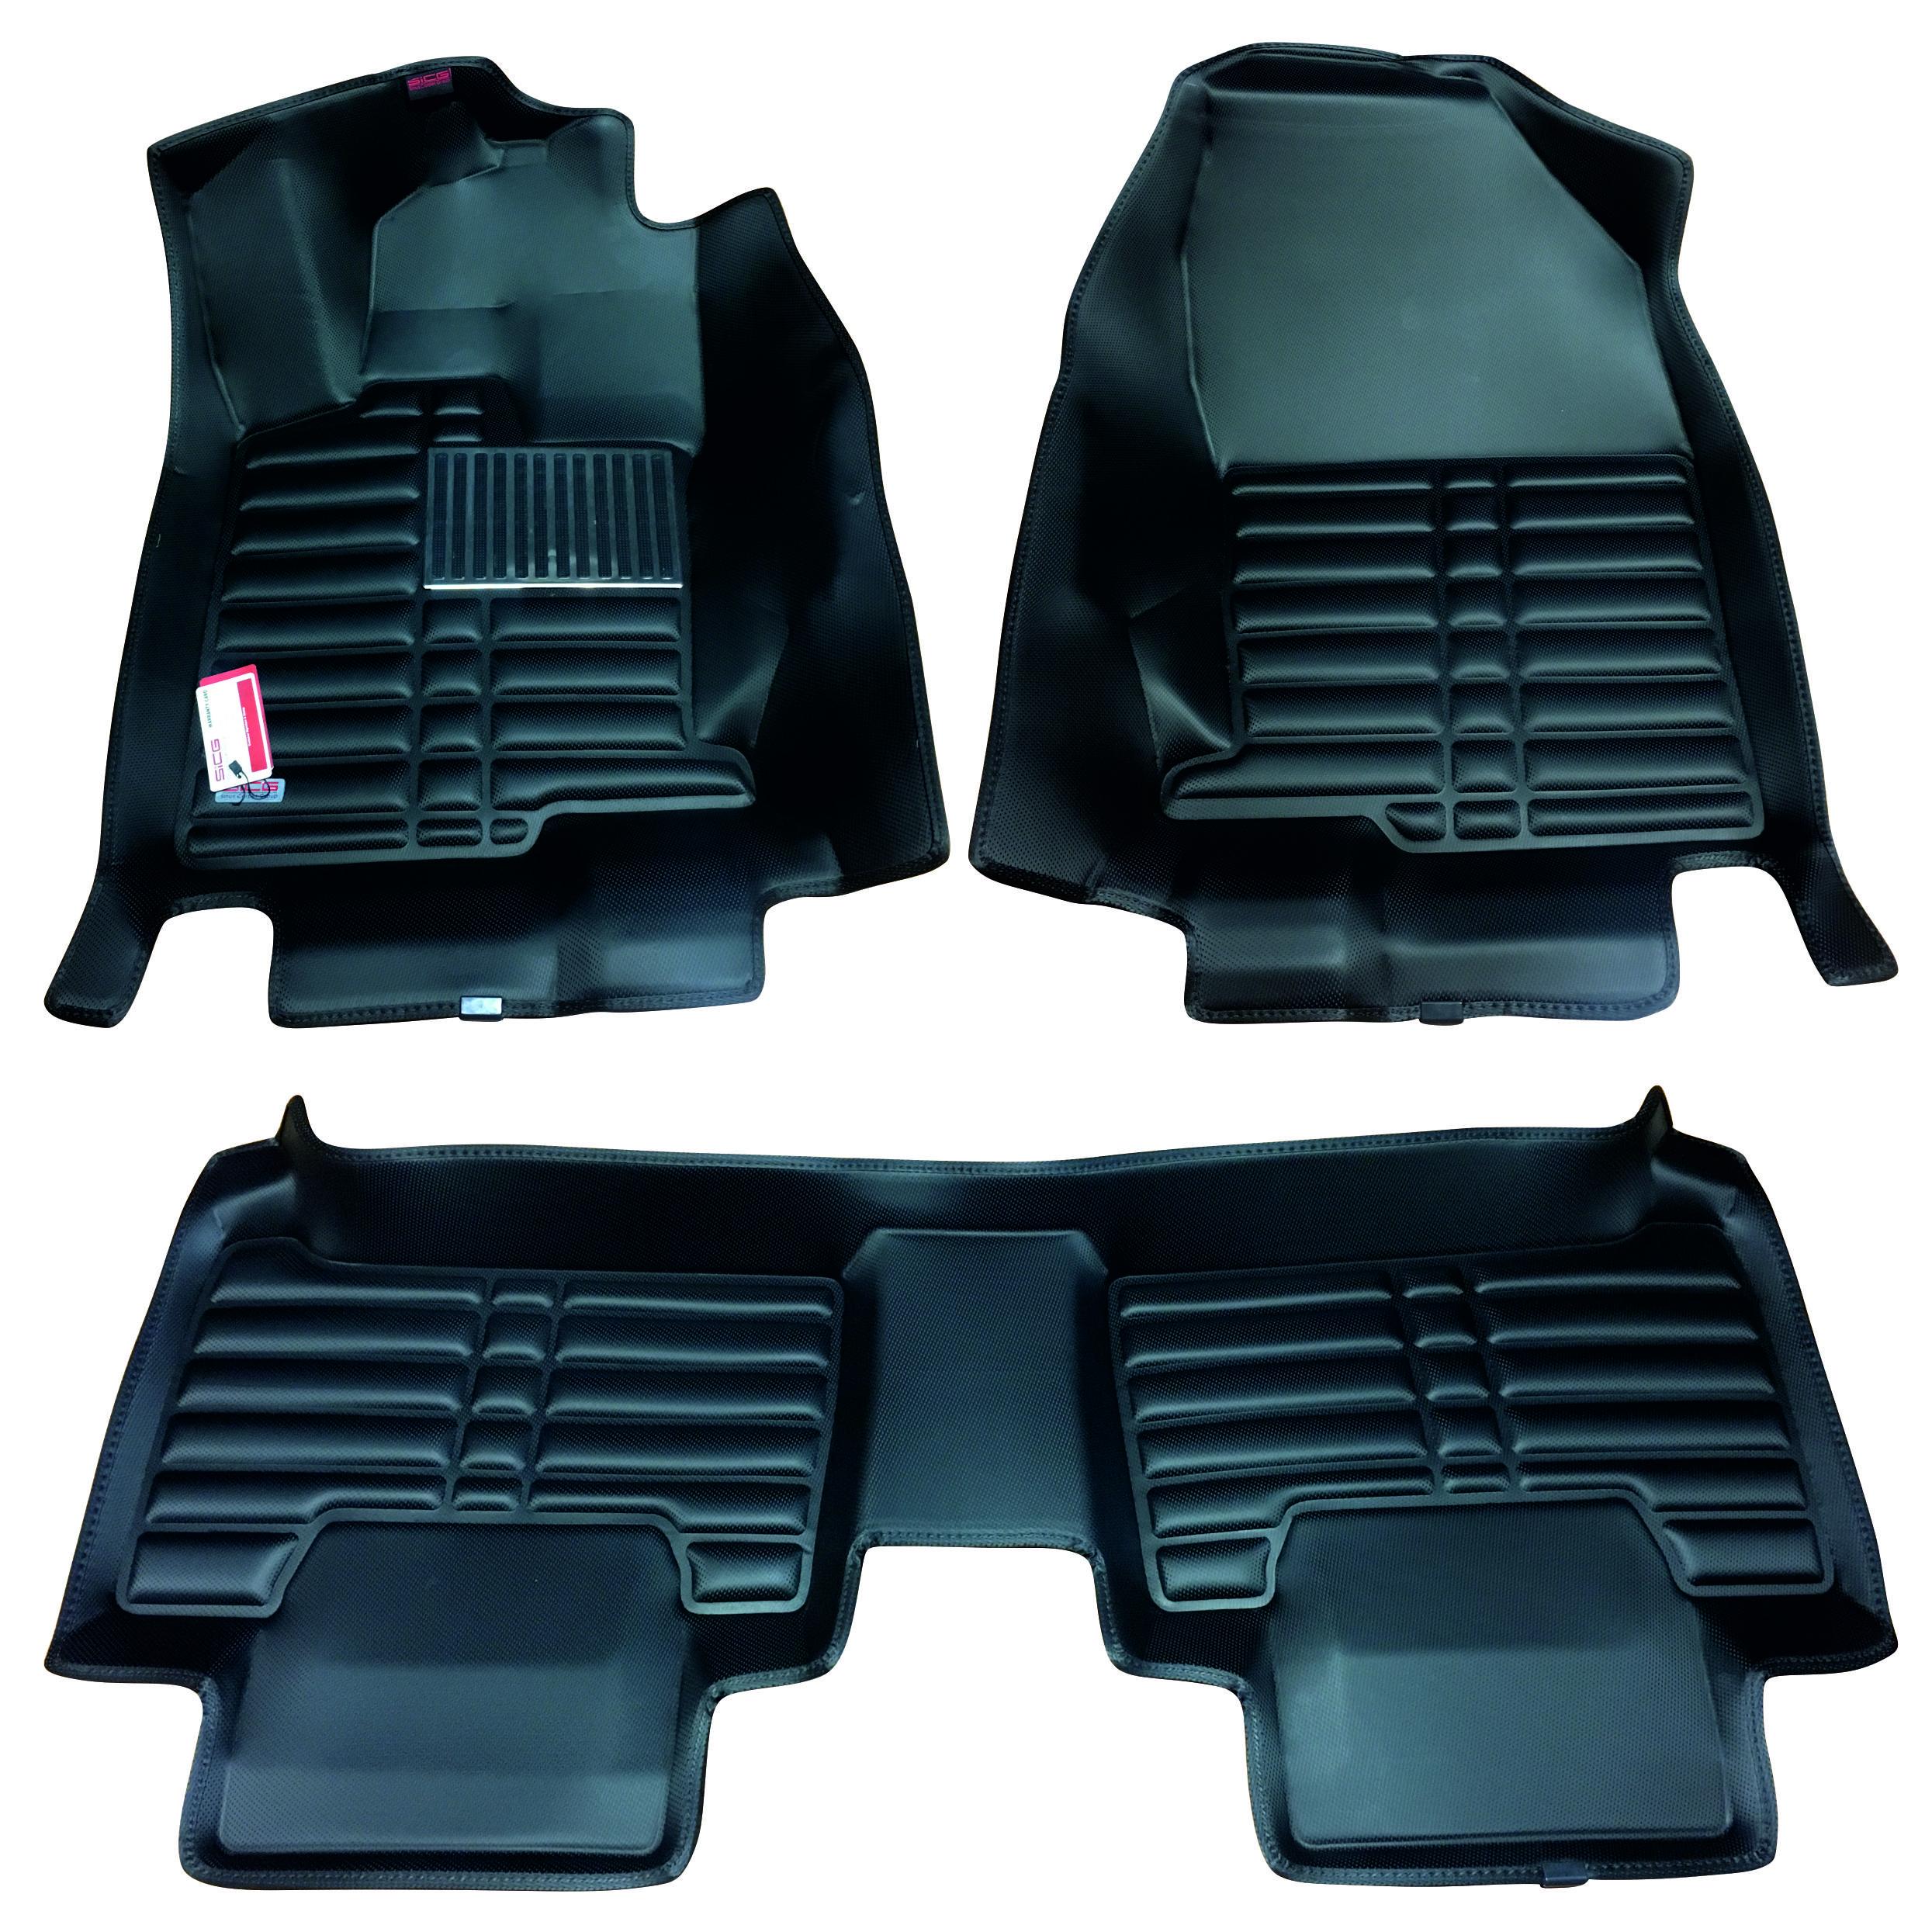 کفپوش سه بعدی خودرو اس آی سی جی مدل CBN مناسب برای لکسوس ان ایکس